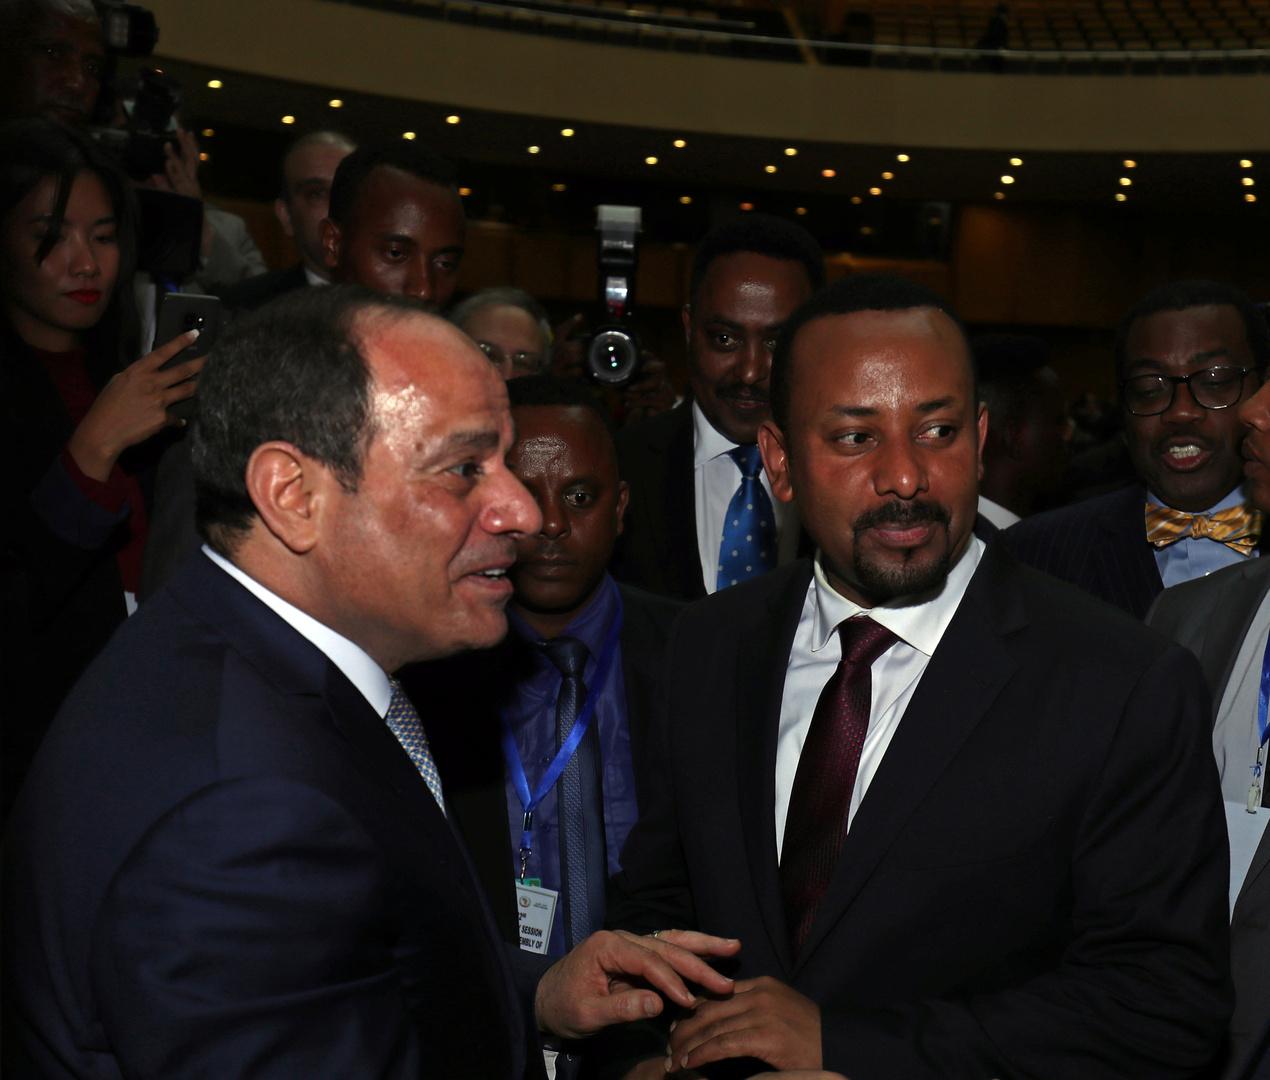 السيسي يطلق تصريحات حول سد النهضة ويوجه رسالة للمصريين